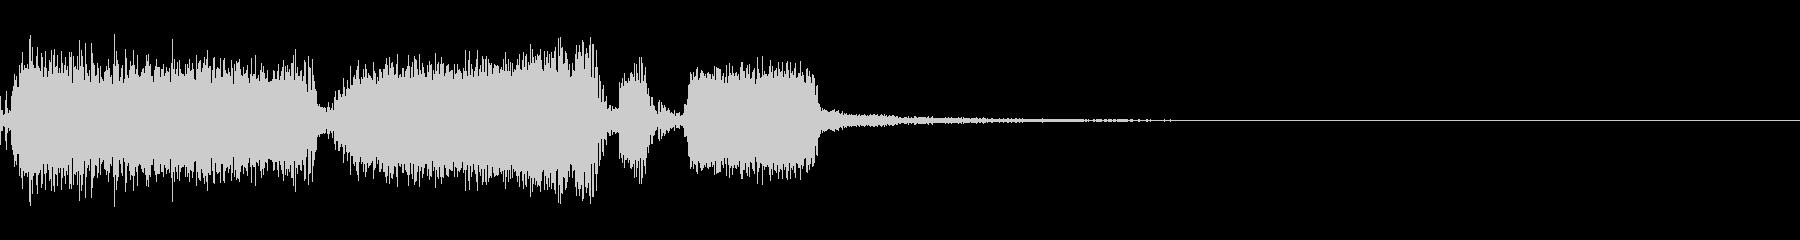 エレキ一本によるキメシーンメタルジングルの未再生の波形